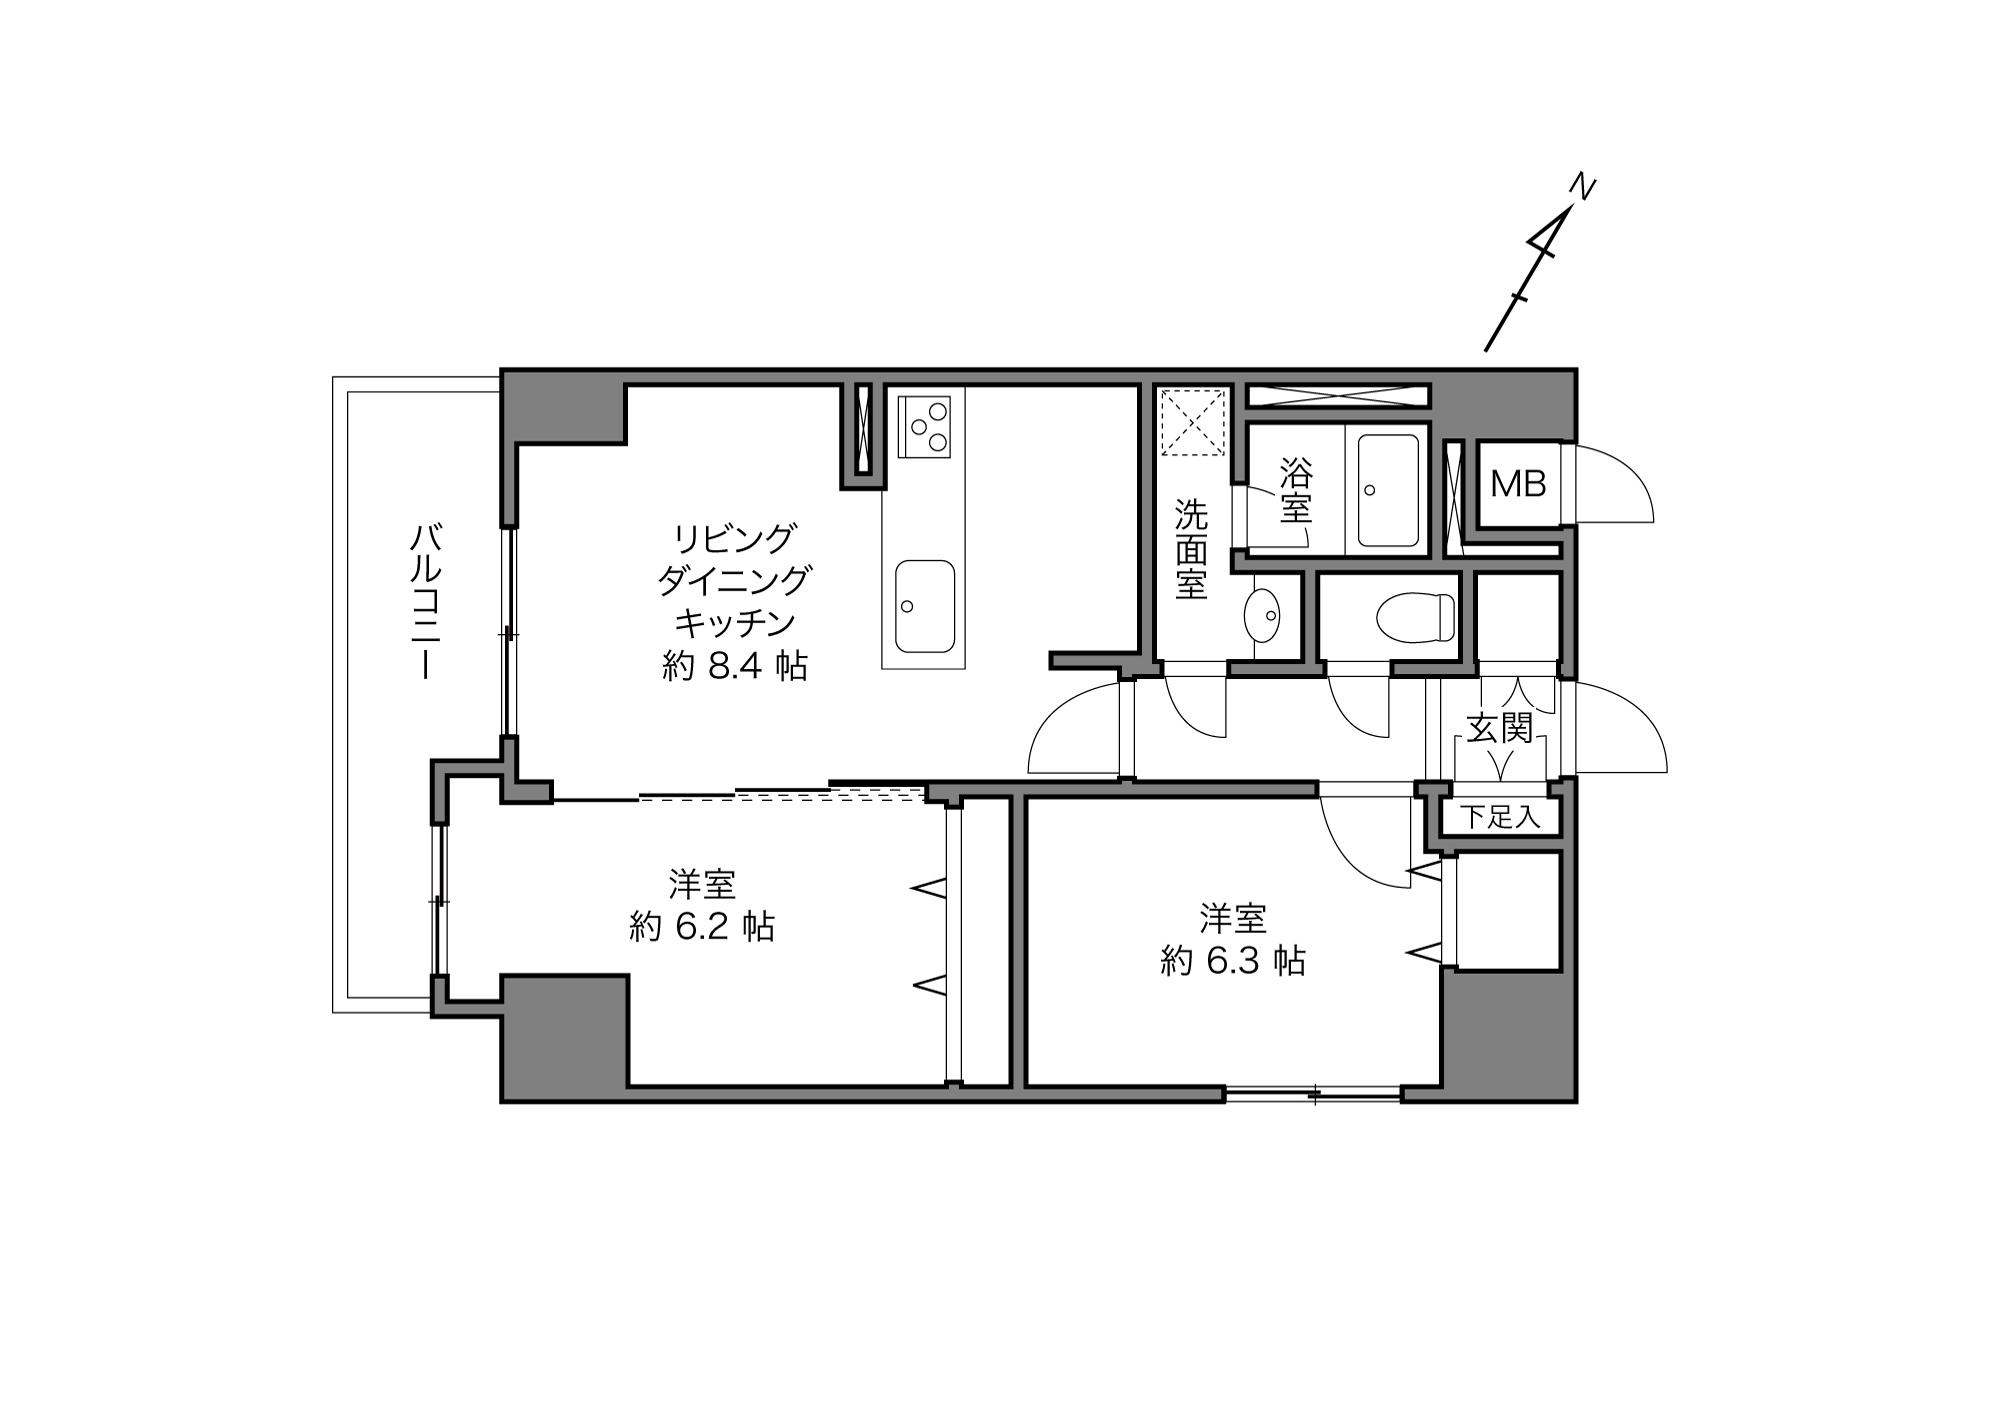 池尻大橋駅 / 2LDK / 57.12㎡